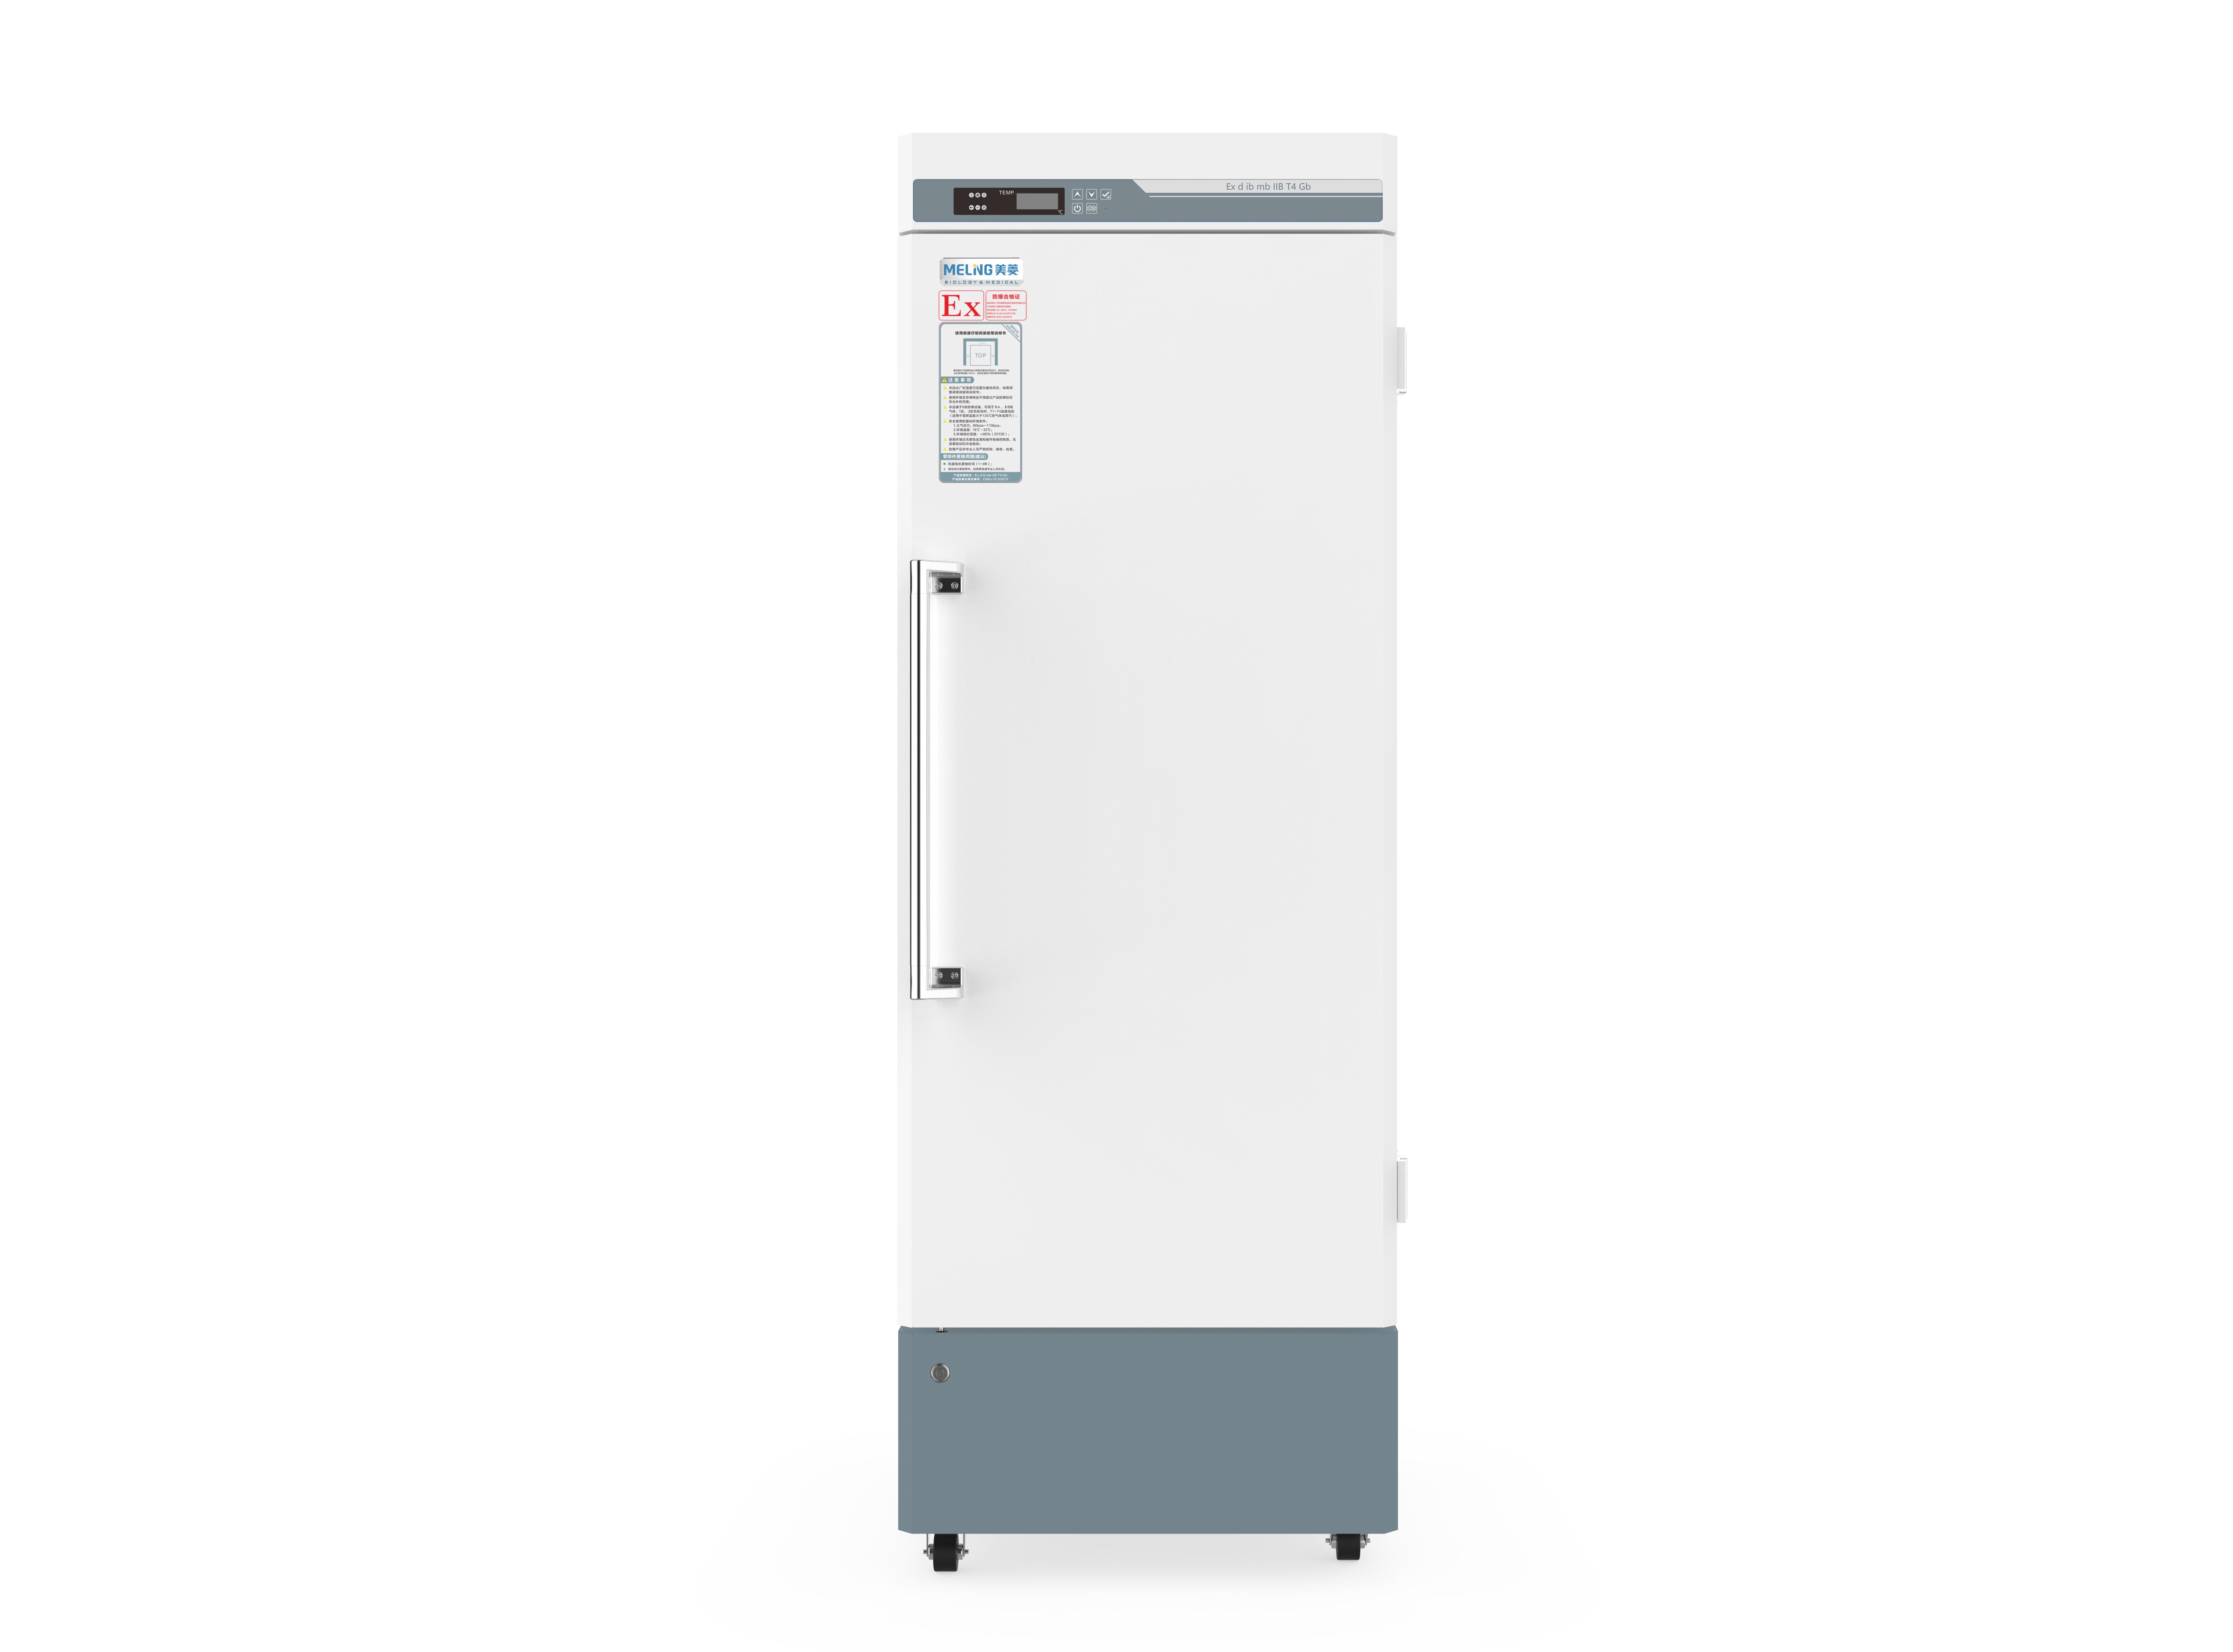 2~8℃ 防爆冰箱YC-360EL